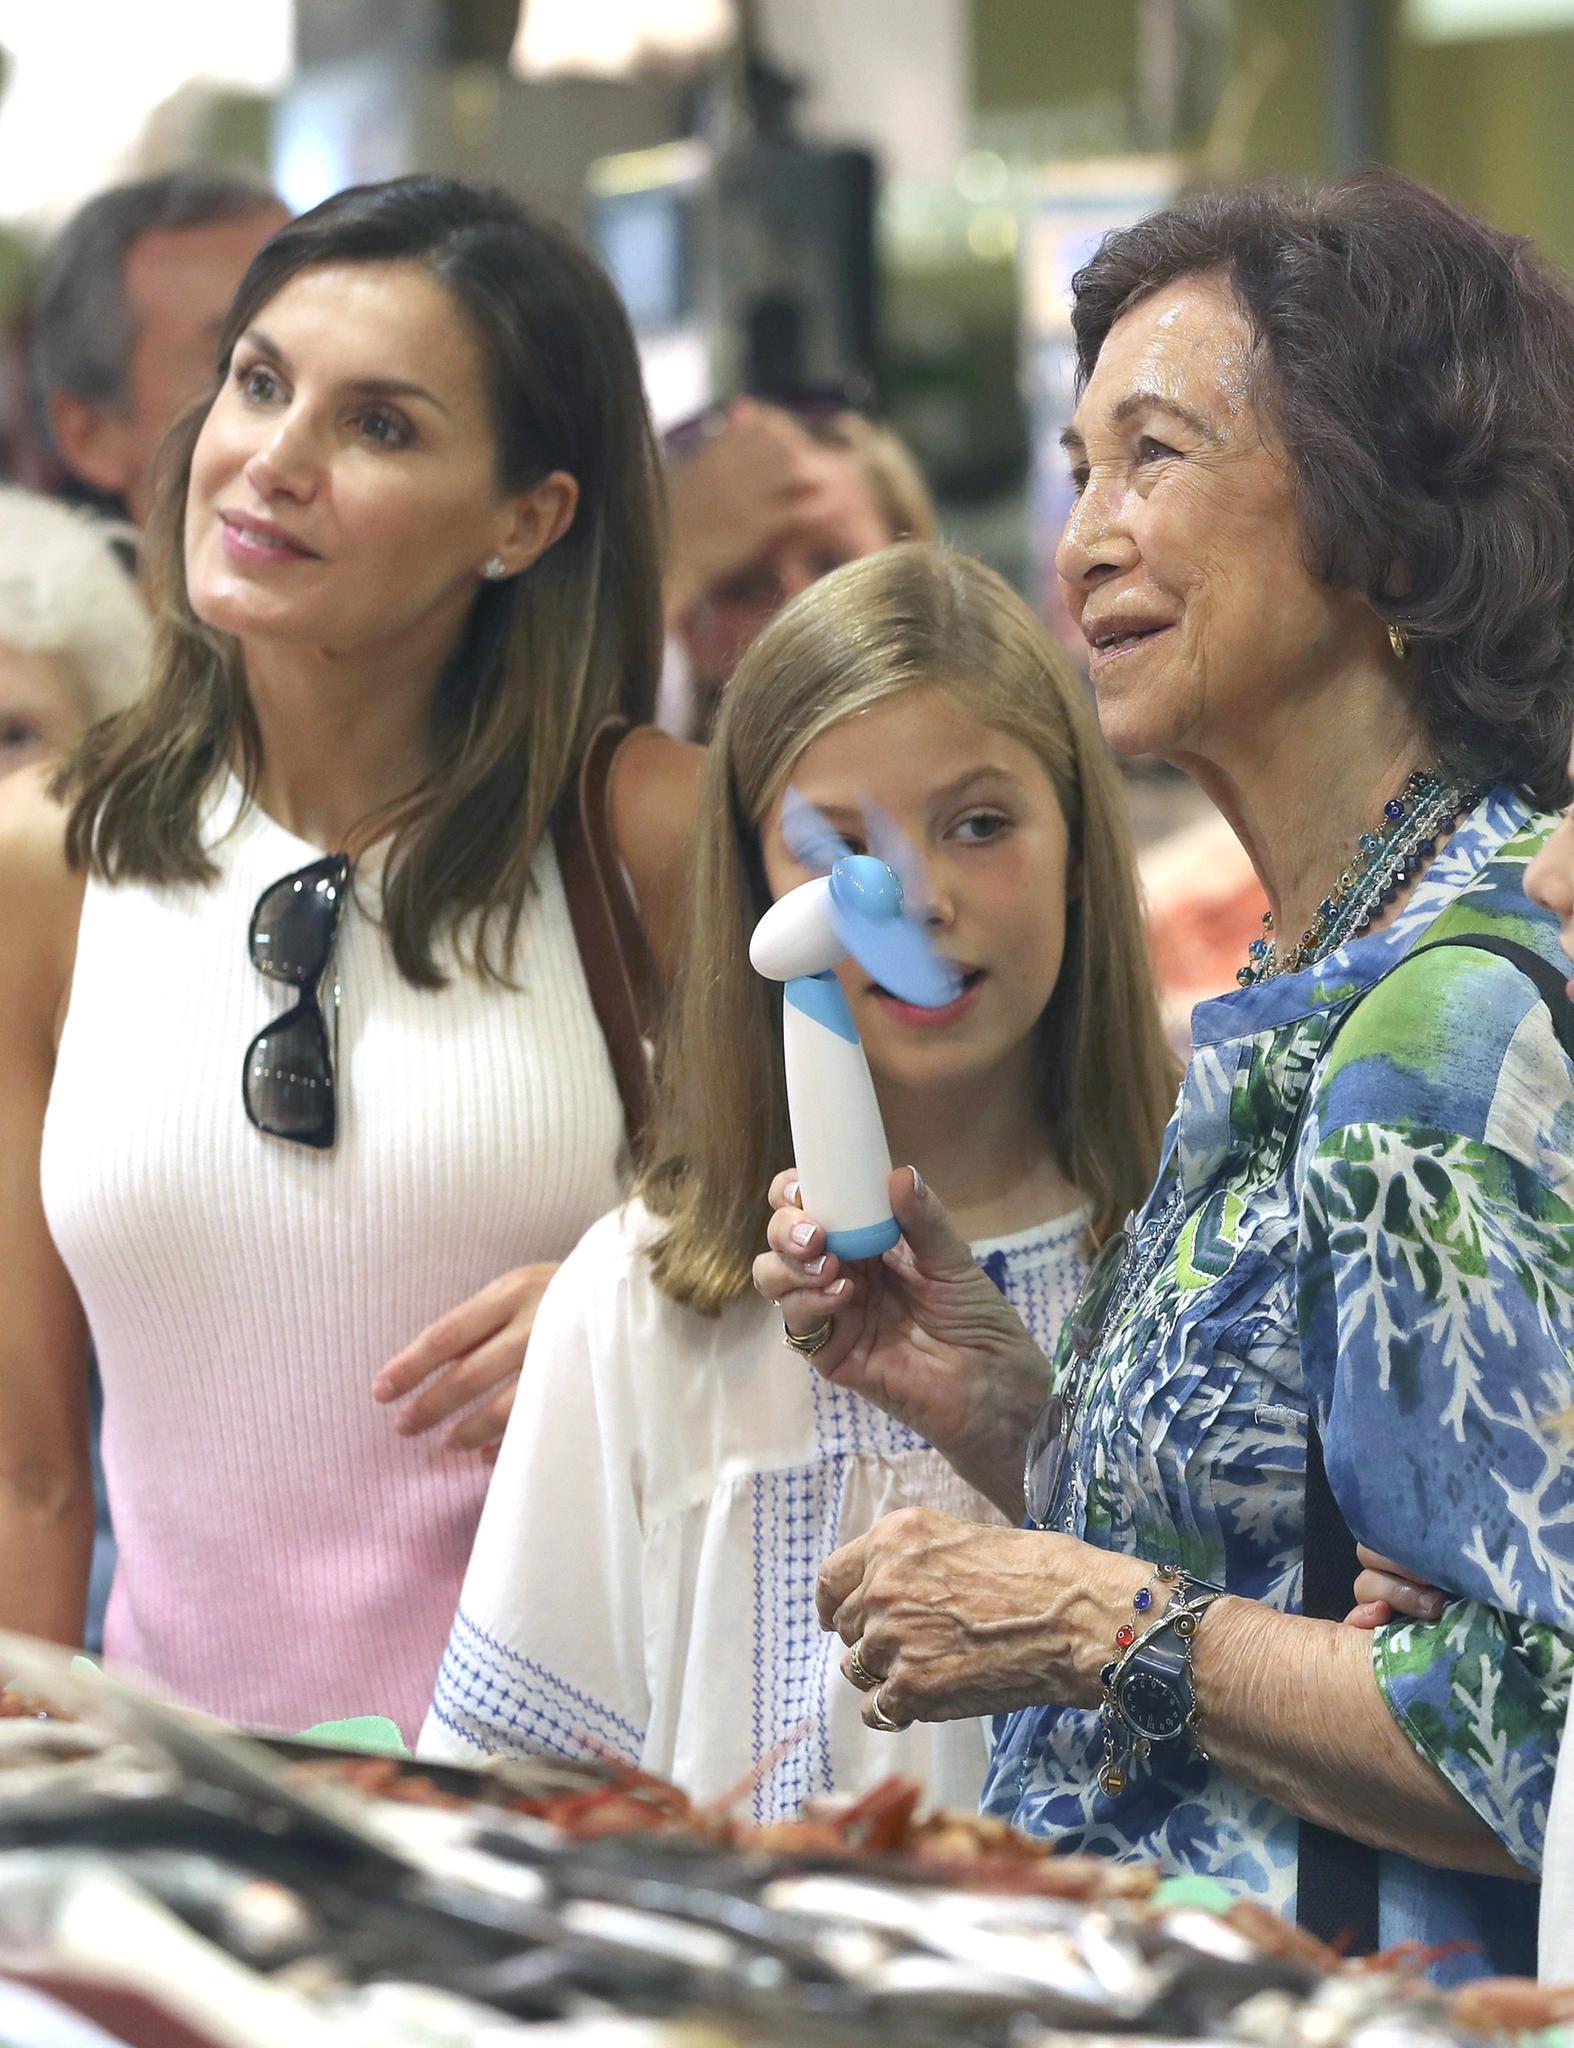 Königin Letizia und Sofia zeigen sich herrlich normal.